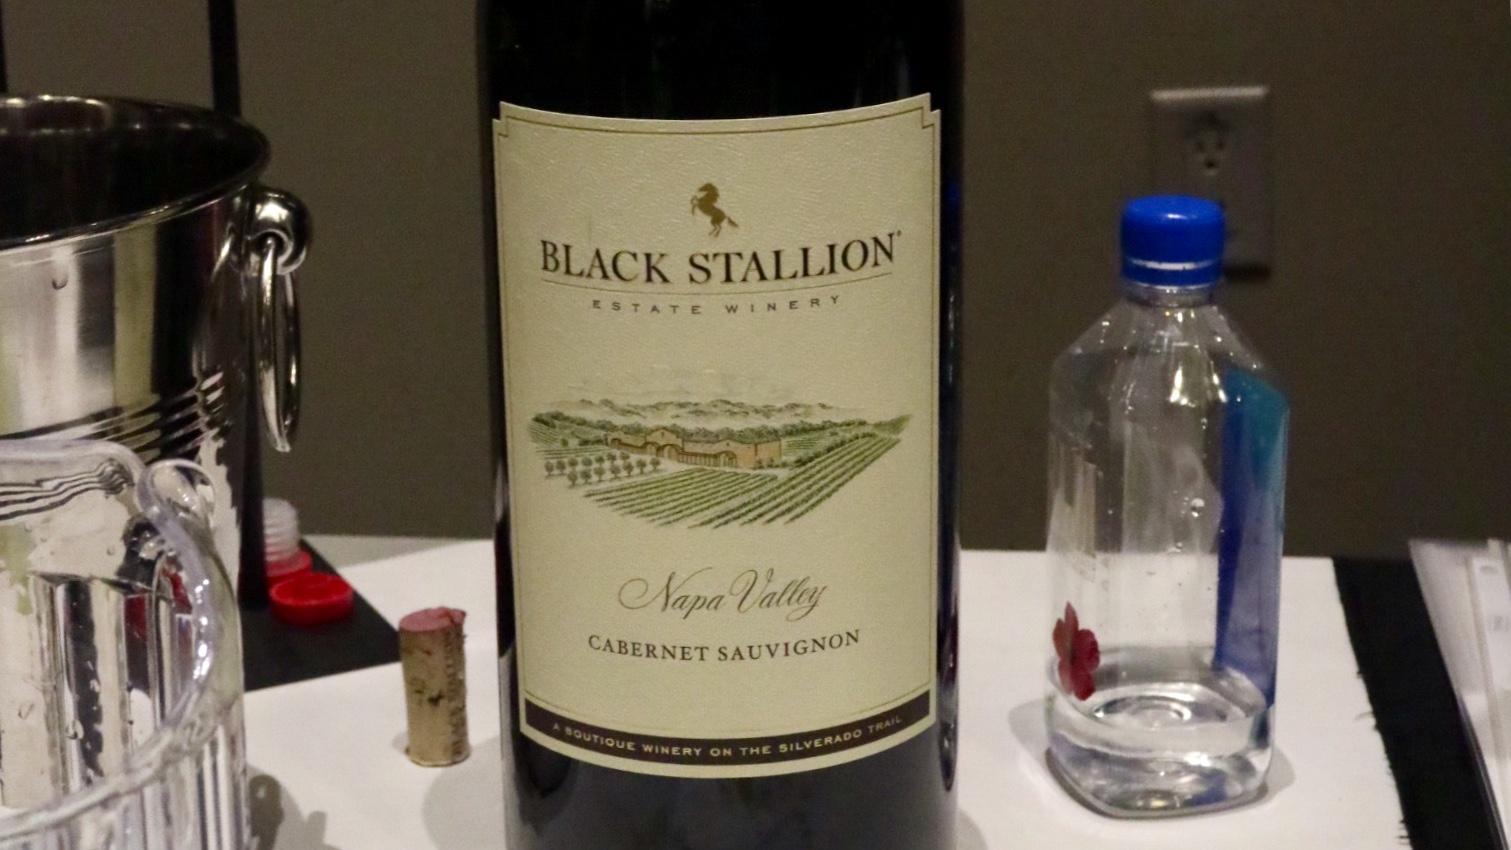 Delica4o Black Stallion 2017